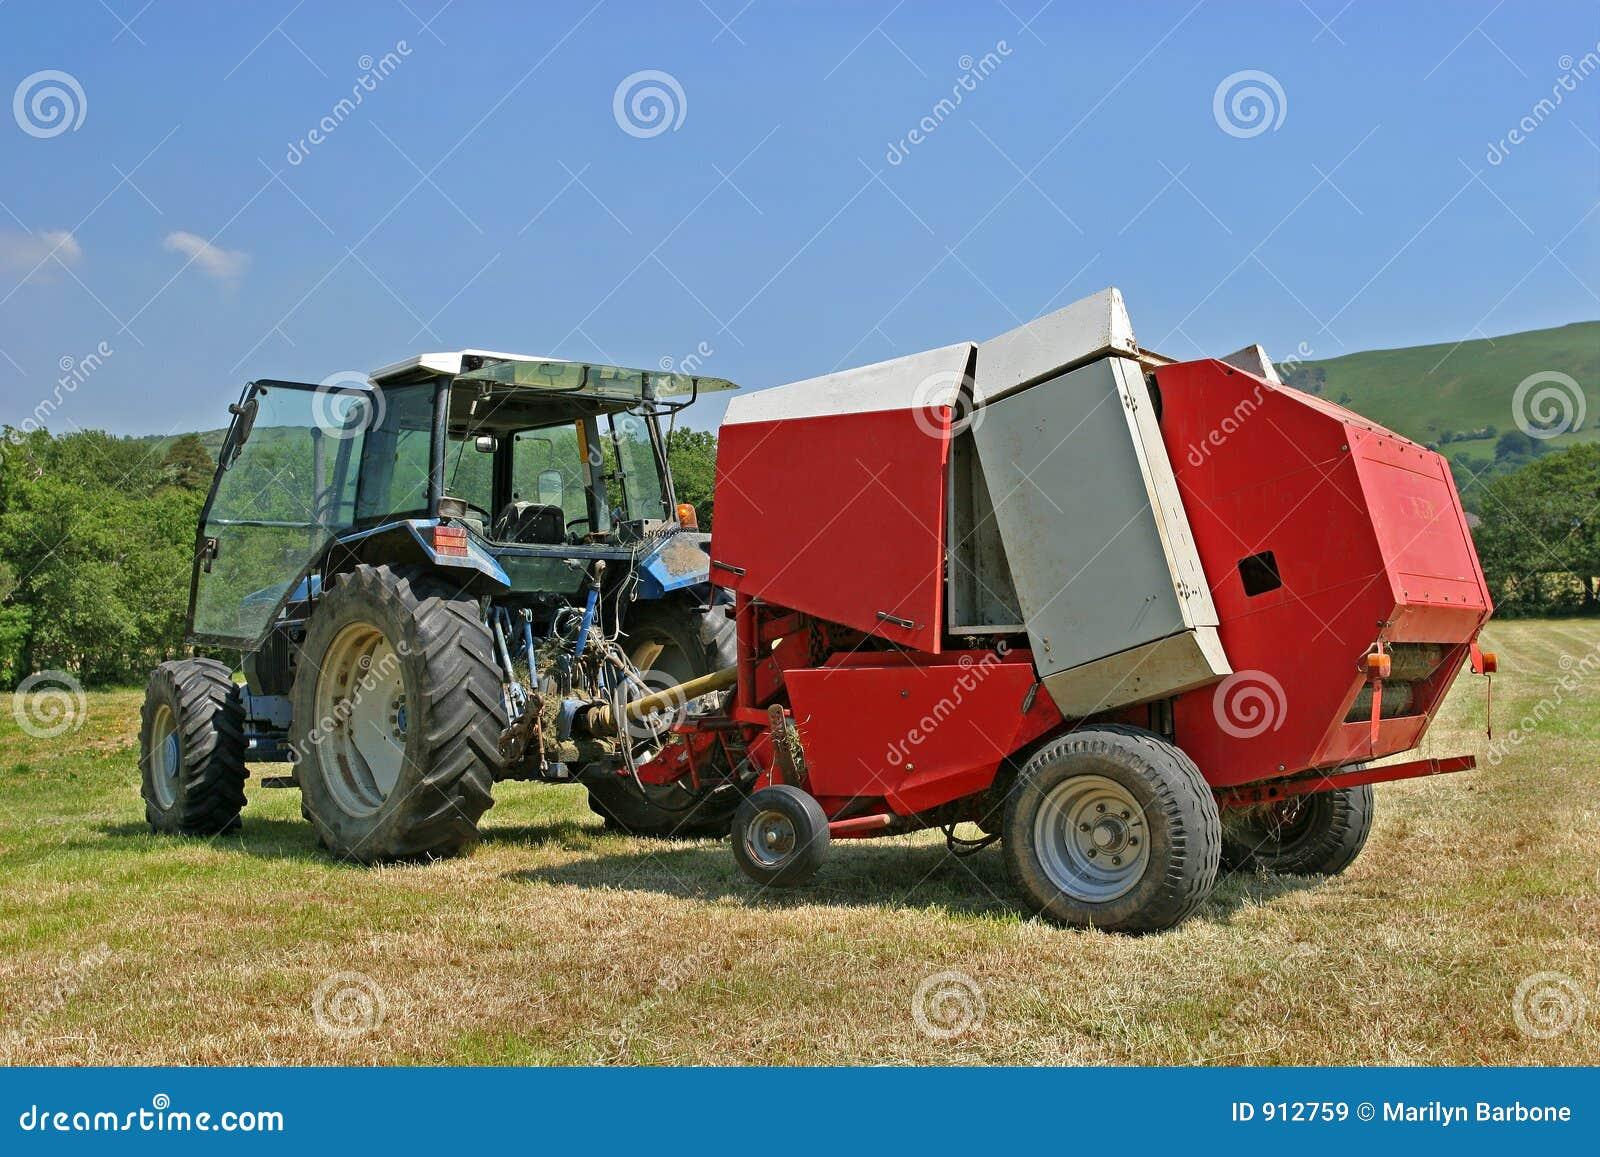 Kreisförmige Heu-Ballenpresse Und Traktor Stockbild - Bild von groß ...